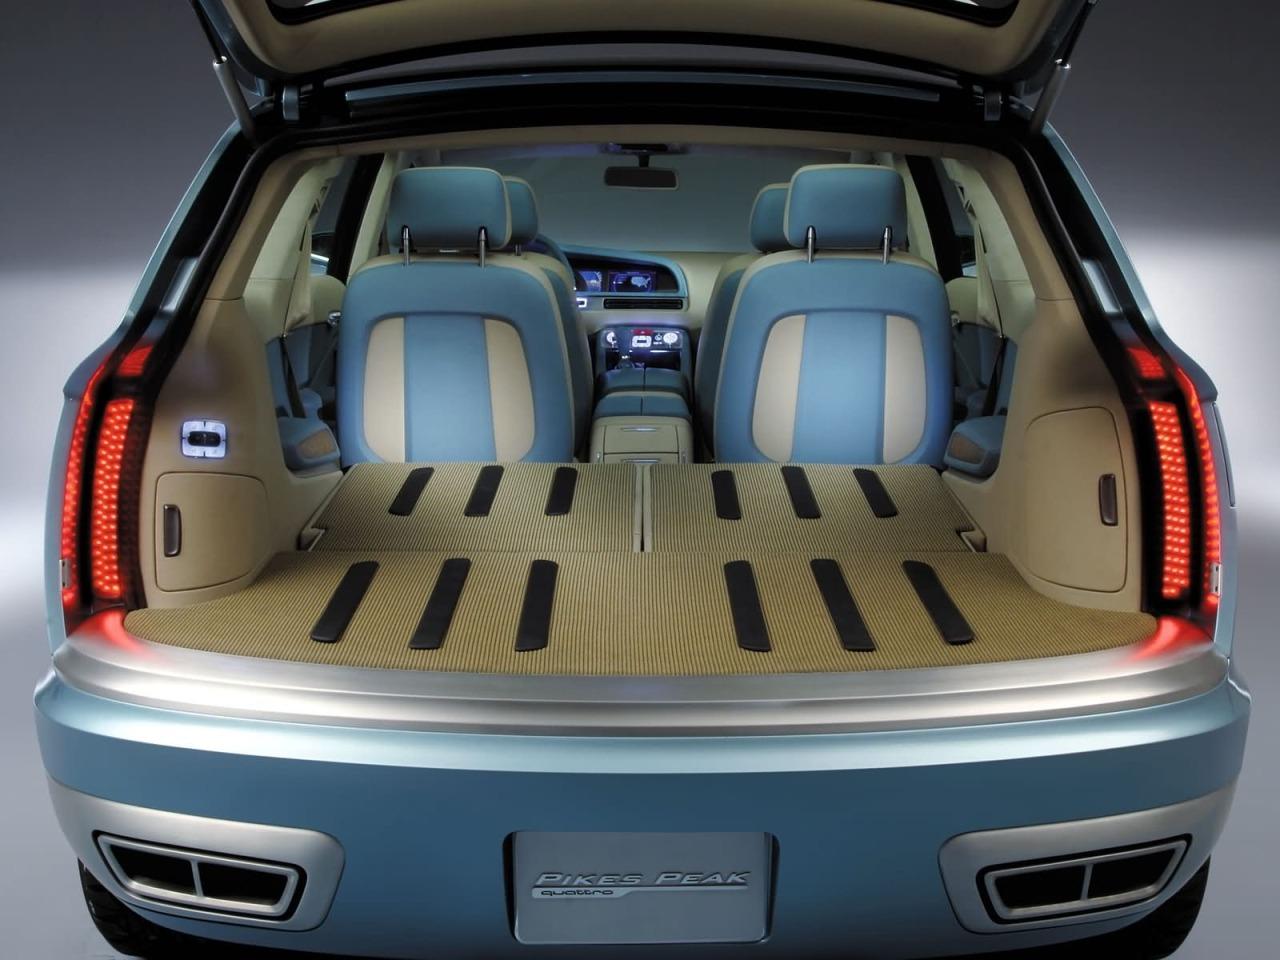 Audi Pikes Peak Quattro Concept (2003)